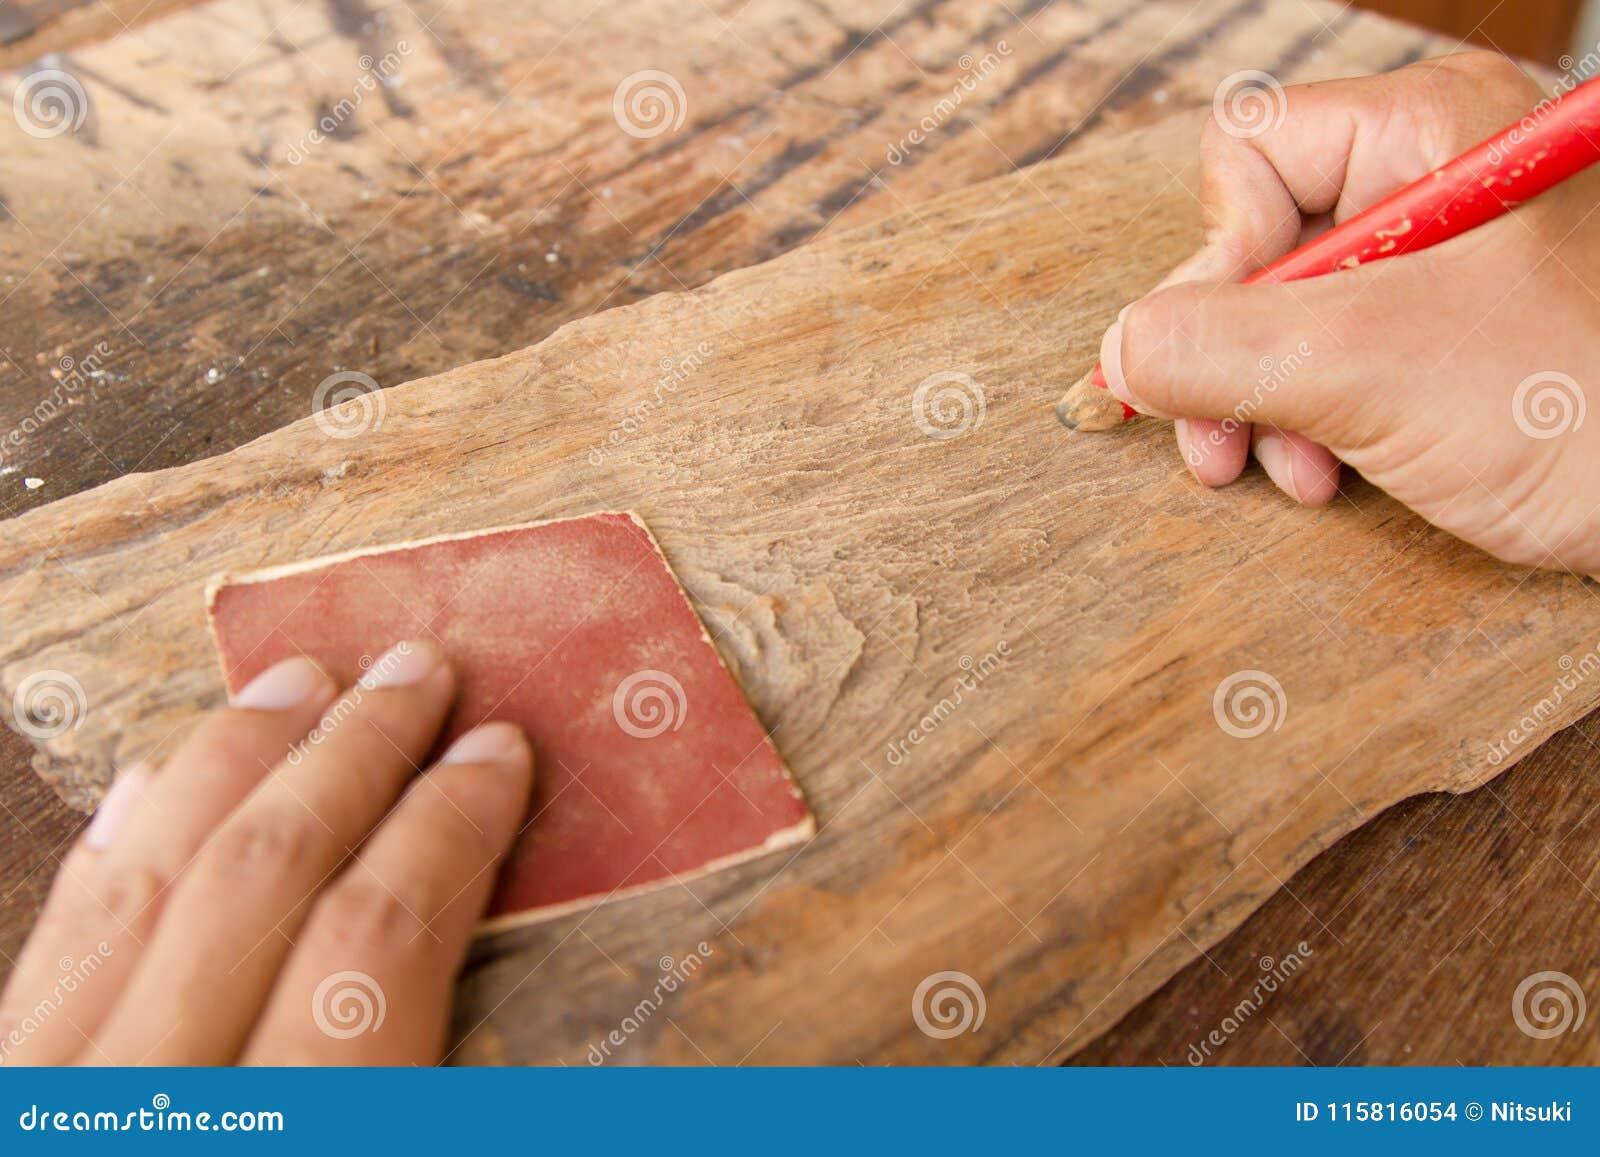 Handwerker- und Holzarbeitwerkzeuge am Arbeitsplatz